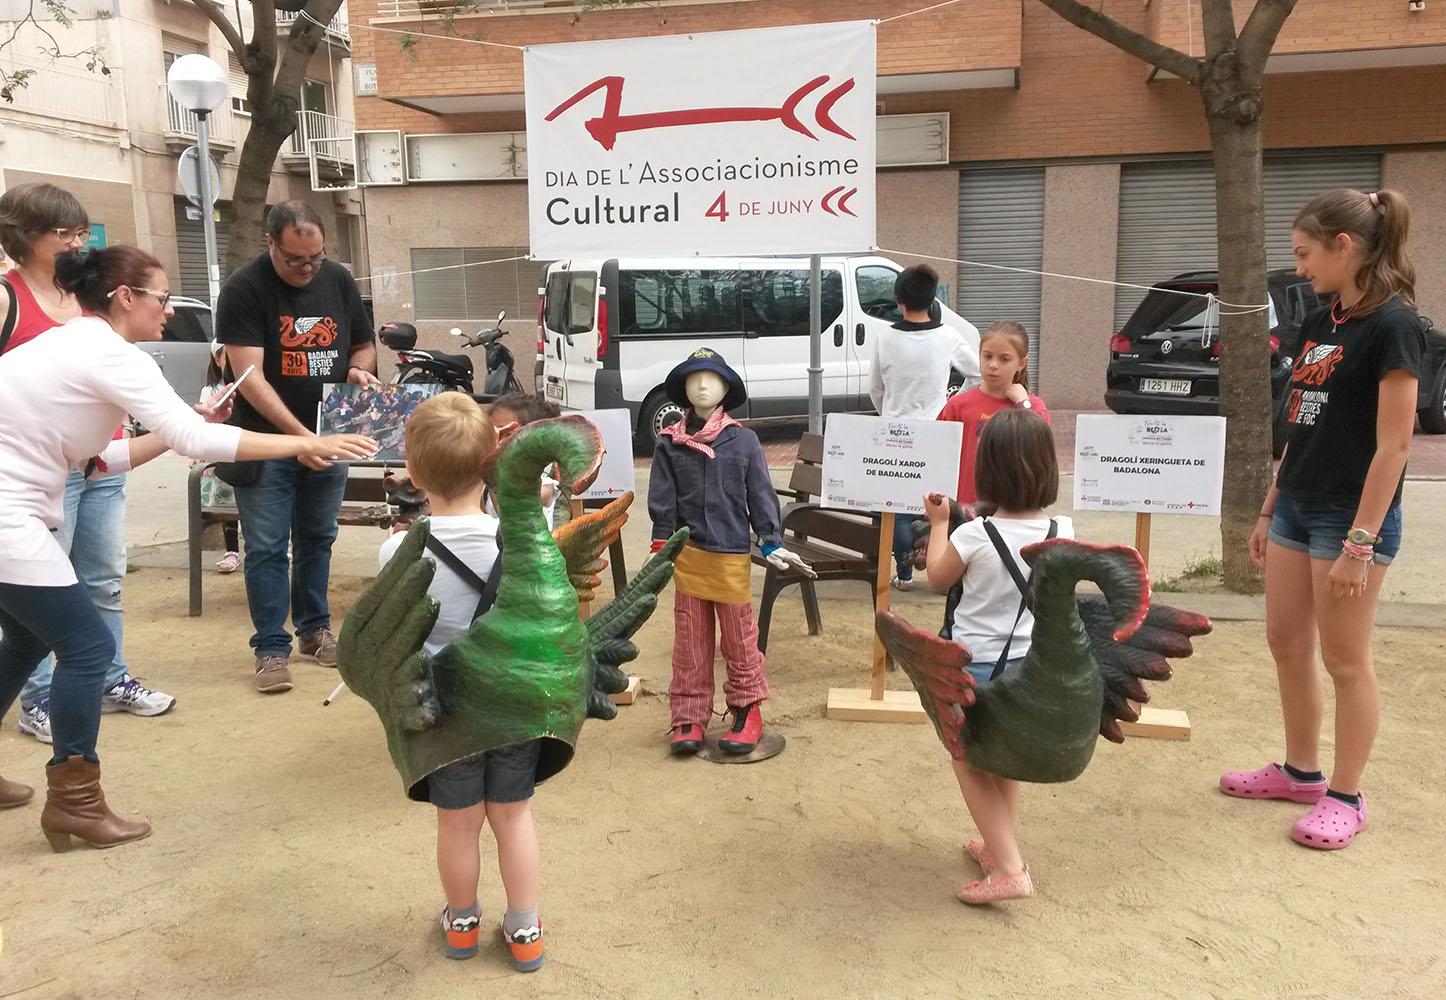 Més dies i més activitats per celebrar el Dia de l'Associacionisme Cultural